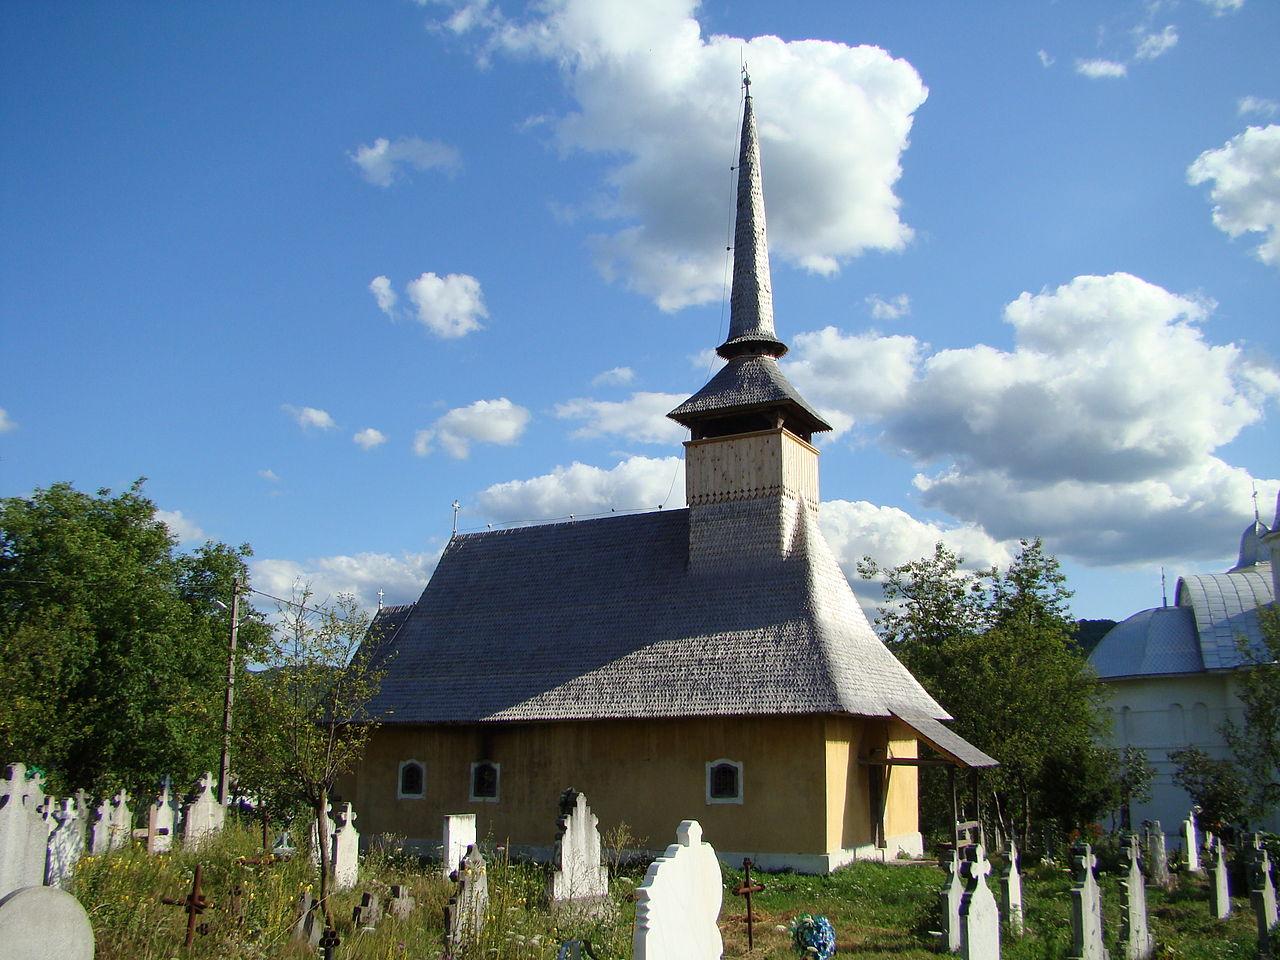 10. Biserica de lemn din Fânațe